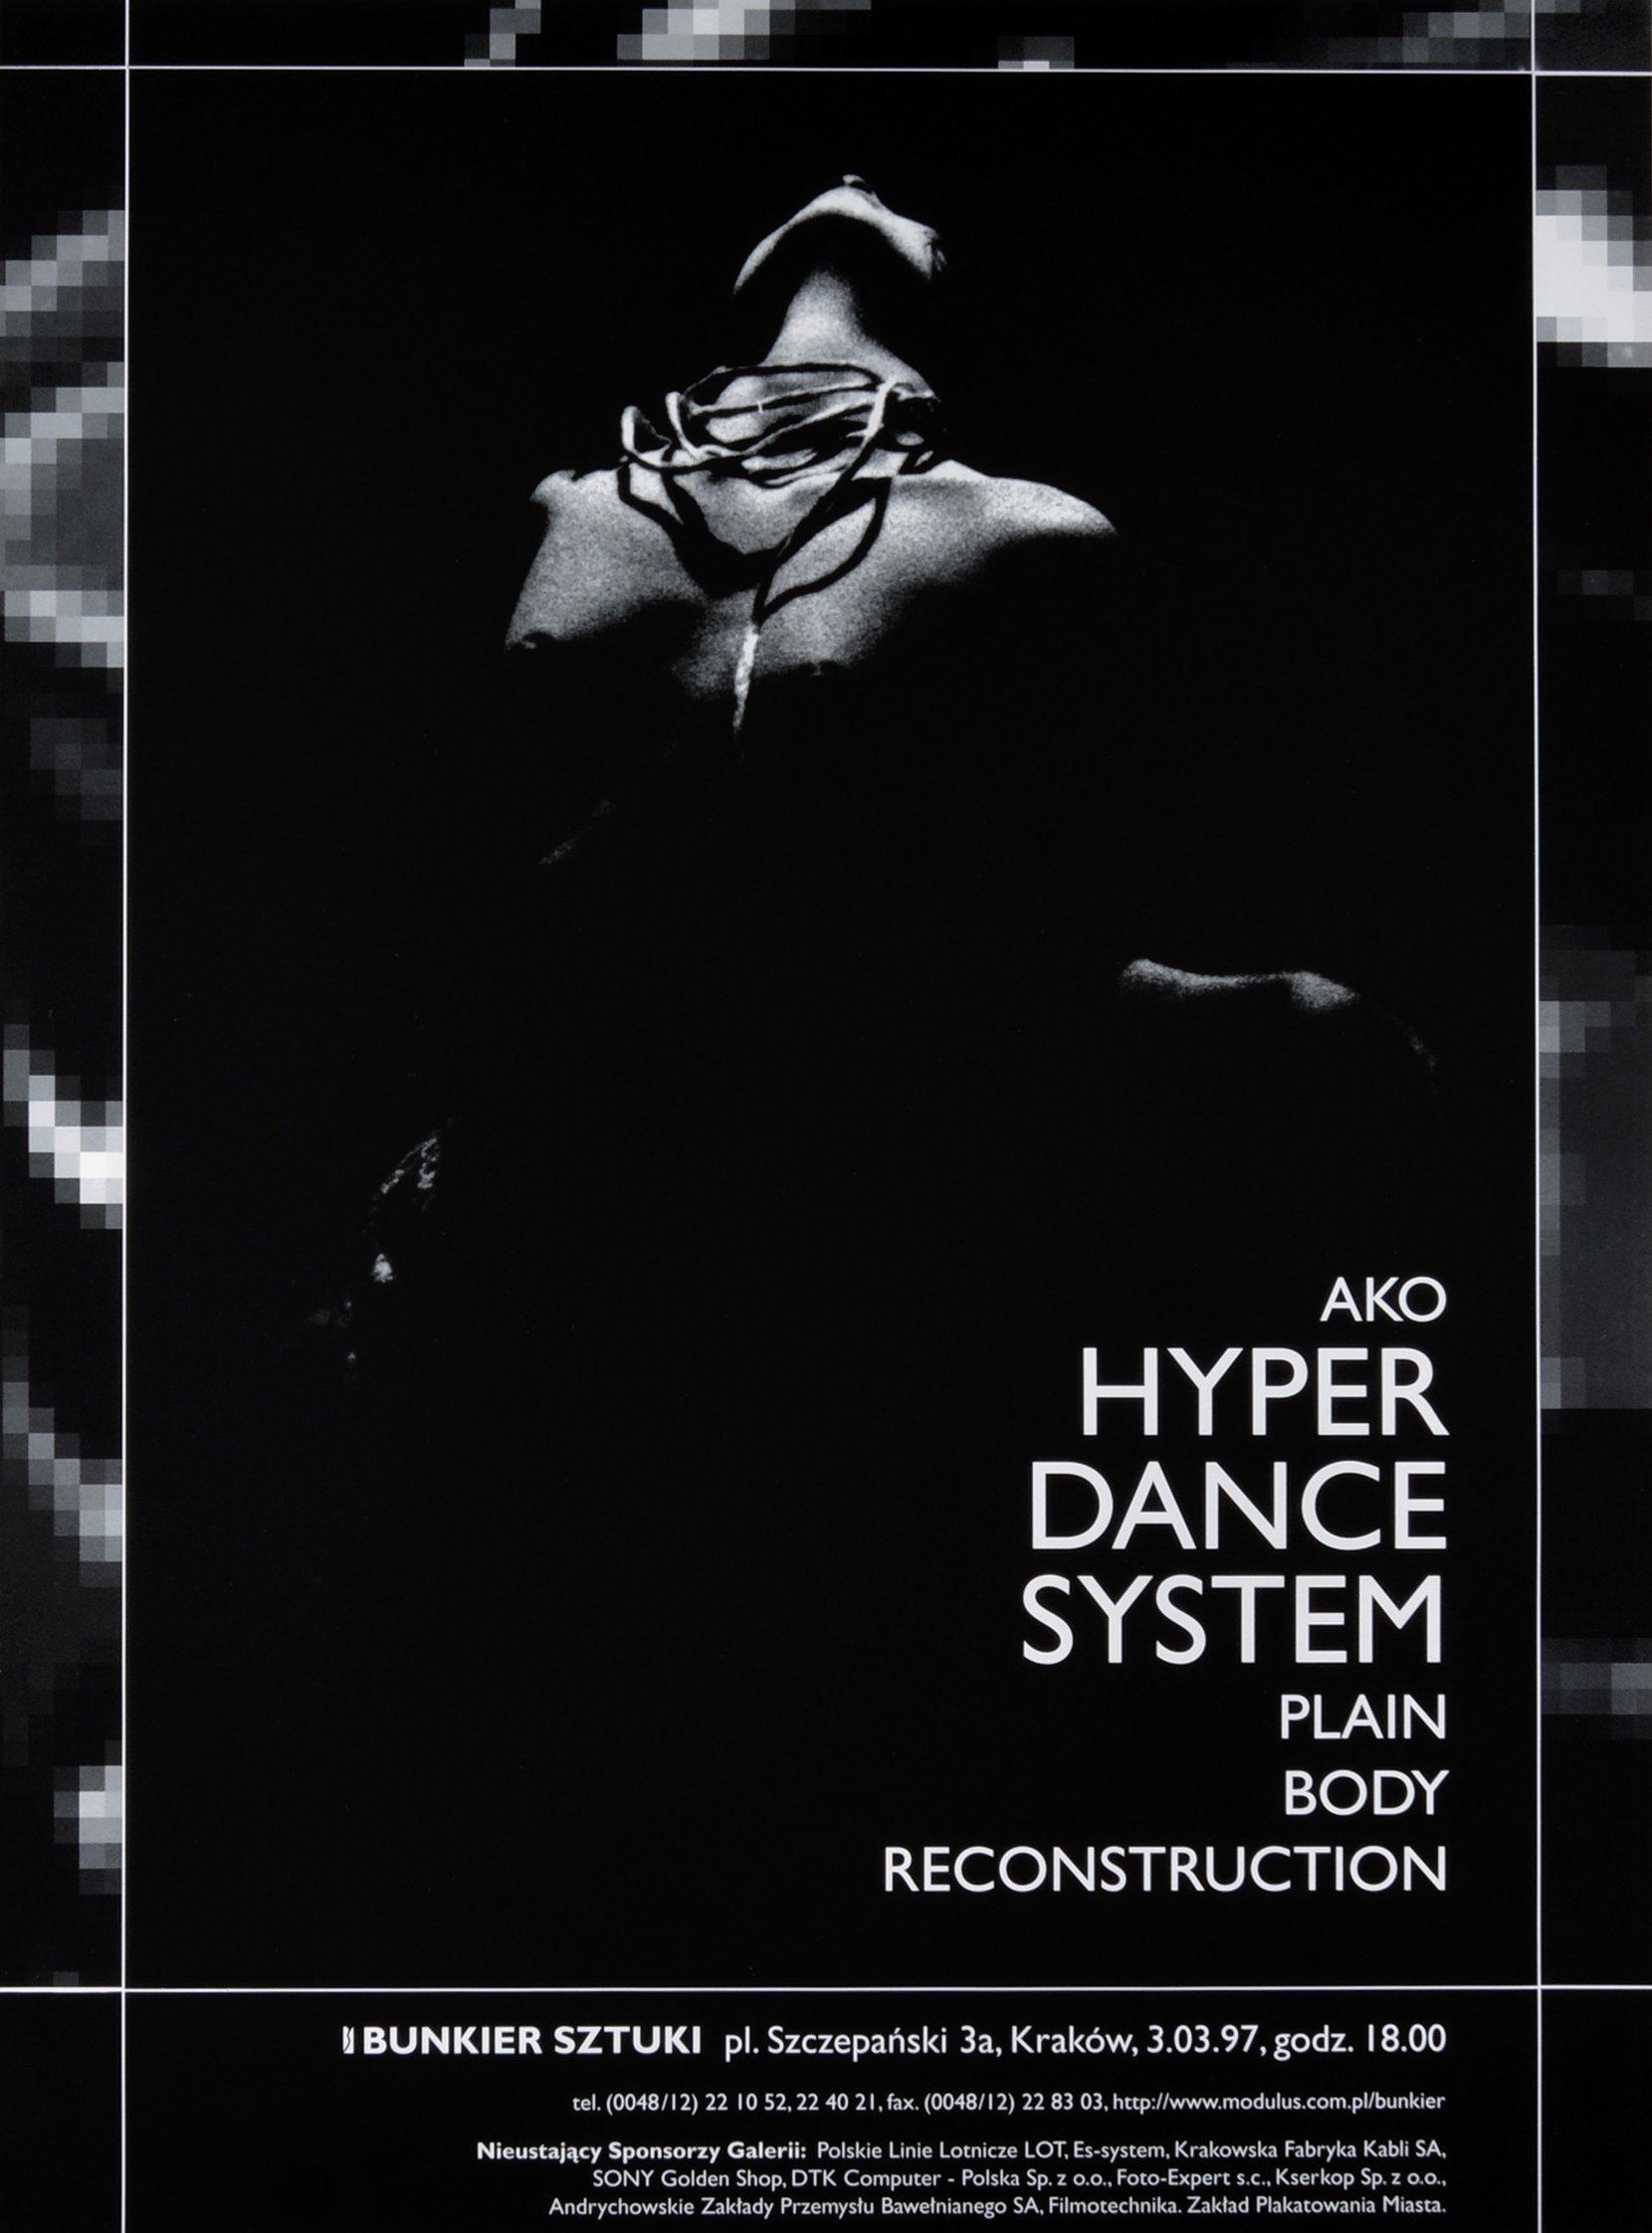 hyper dance system, modulus, 1997 posters art posters MODULUS.agency, Ziemowit Kościelny, Mikołaj Dunikowski